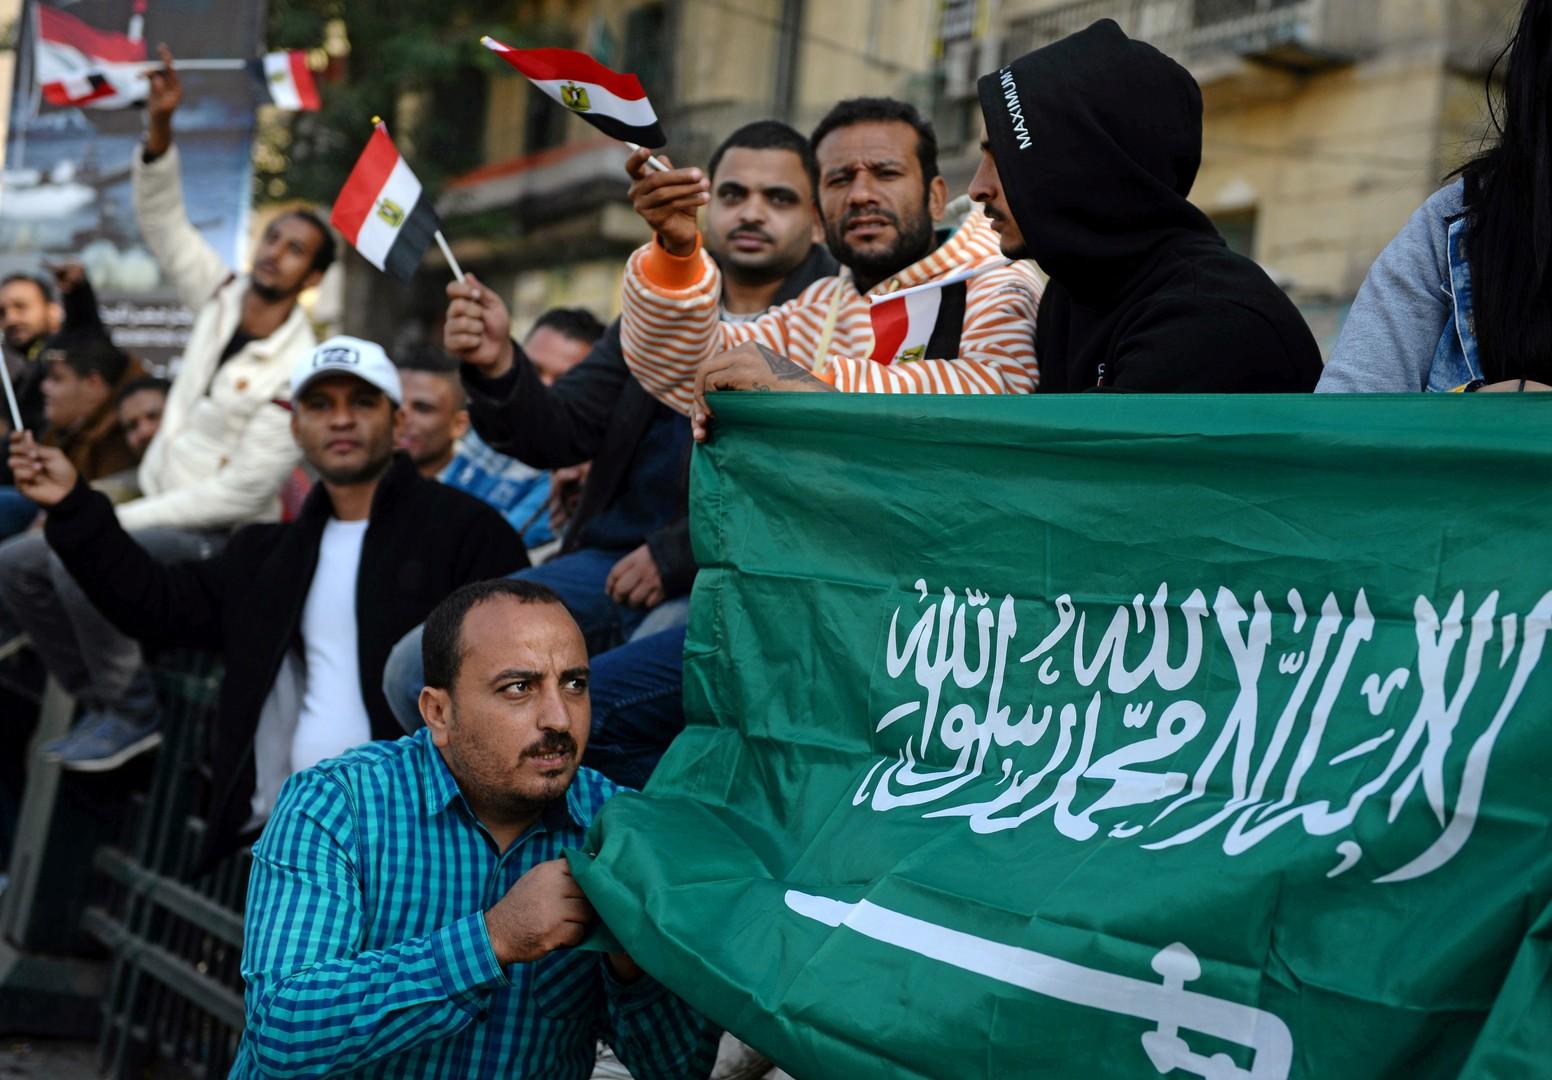 منحة جديدة من السعودية إلى مصر